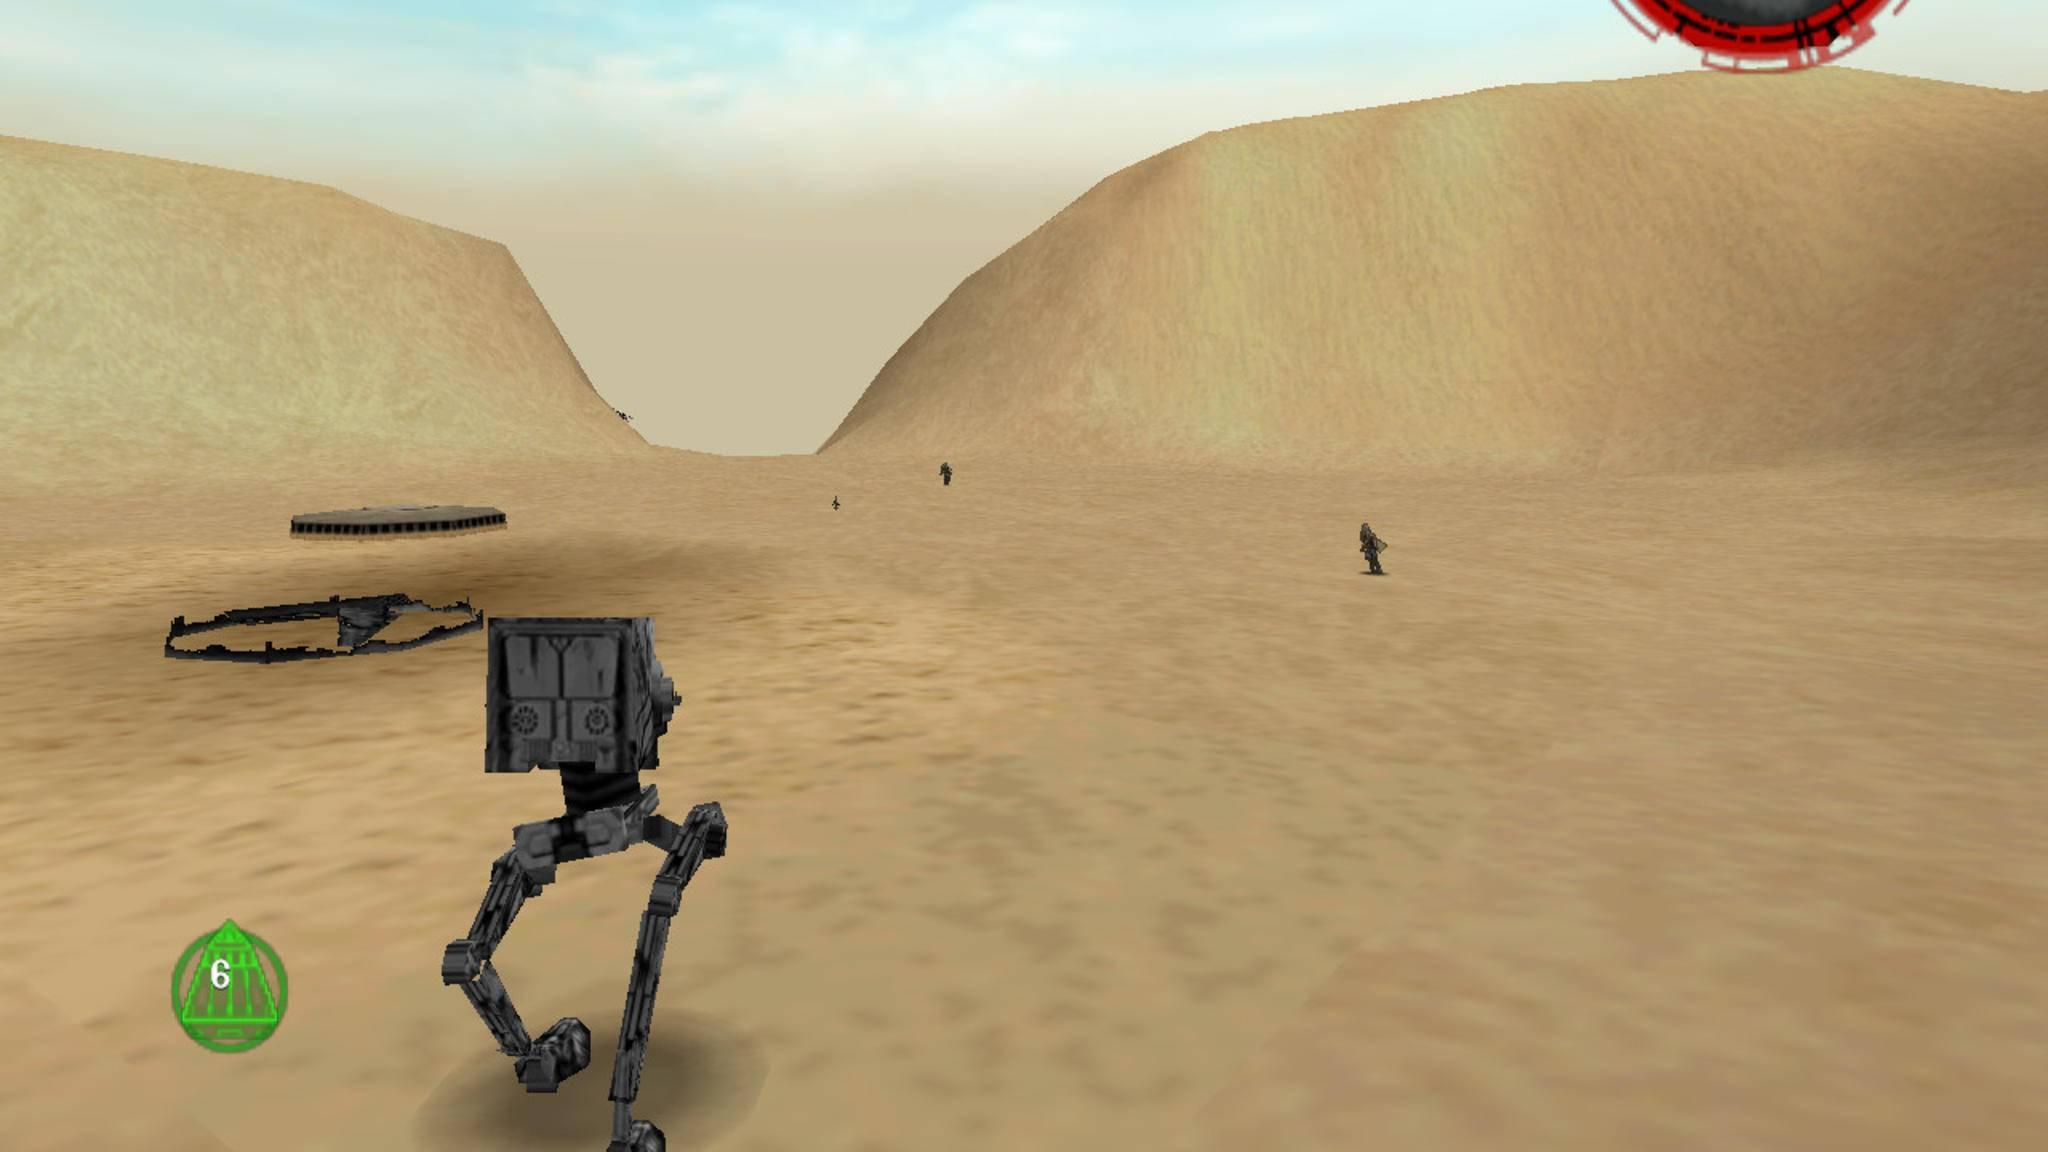 """Bodenständig: Mit dem richtigen Cheat stapfe ich als AT-ST durch die Wüste. Der Code ist übrigens """"CHICKEN""""."""